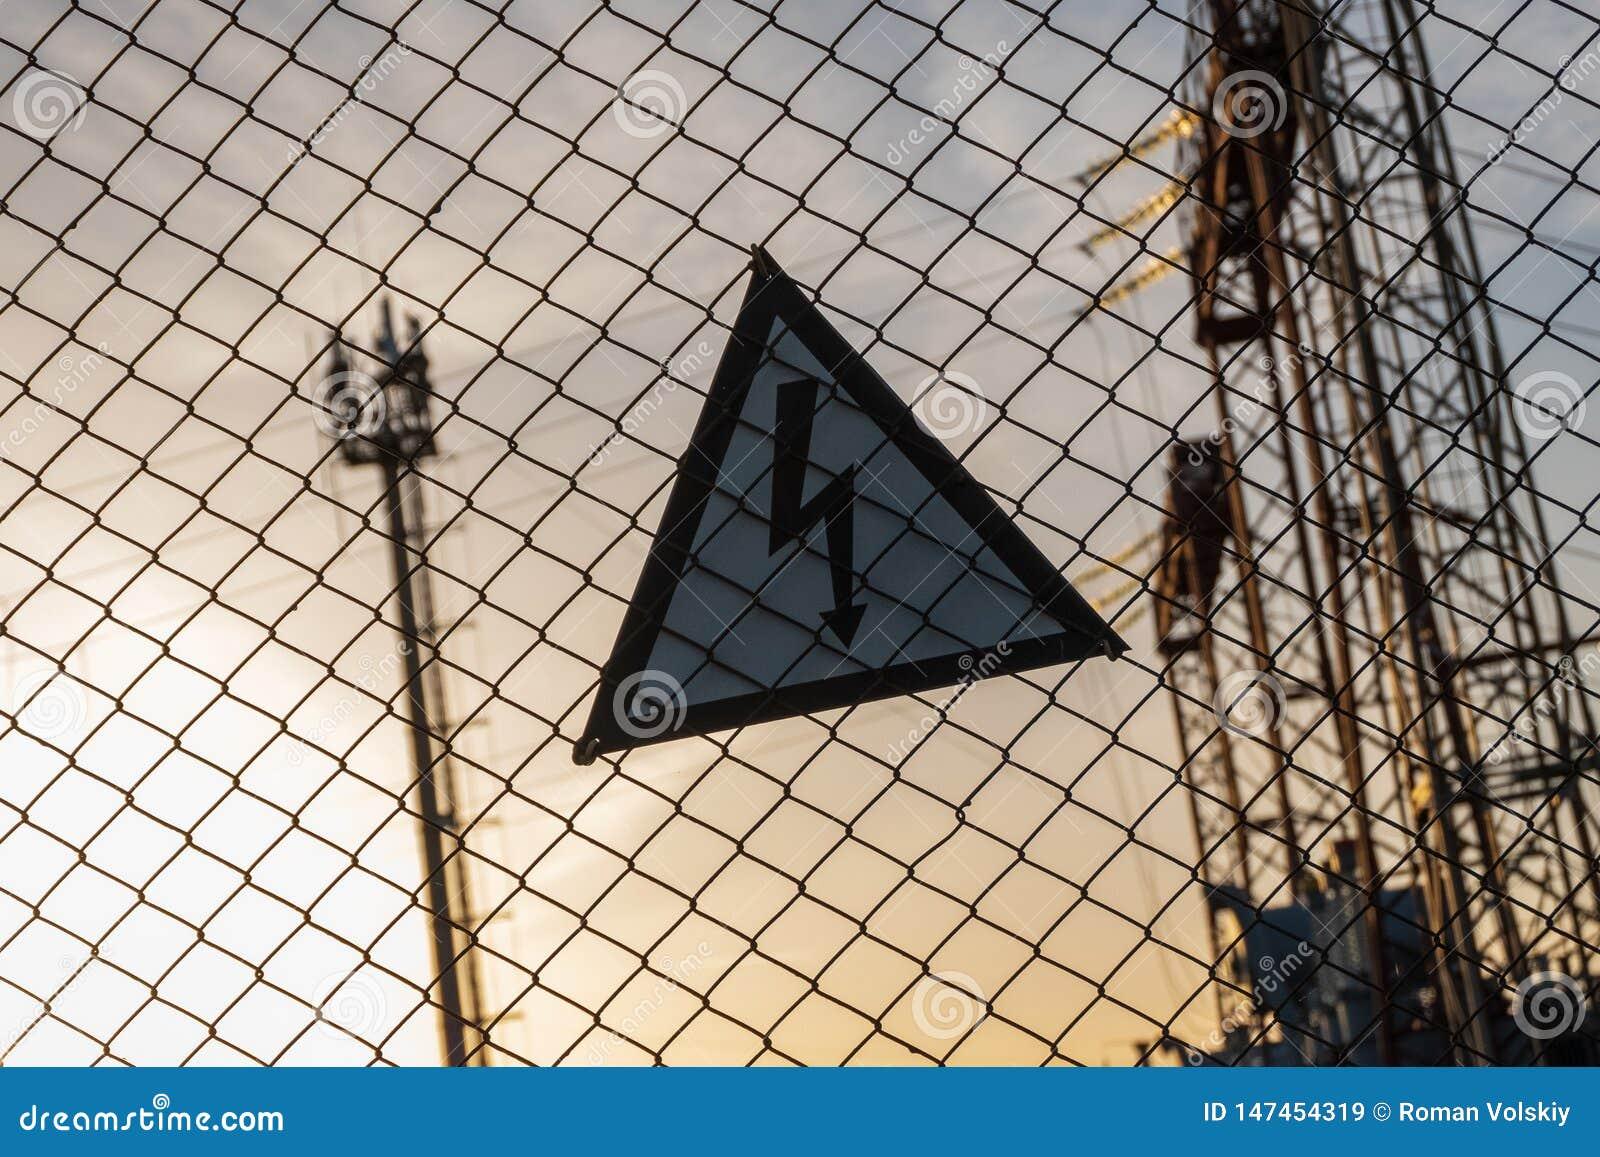 Waarschuwend driehoekig teken met een bliksembeeld op de netto omheining Gevaarlijk - hoogspanning Elektro Hulpkantoor